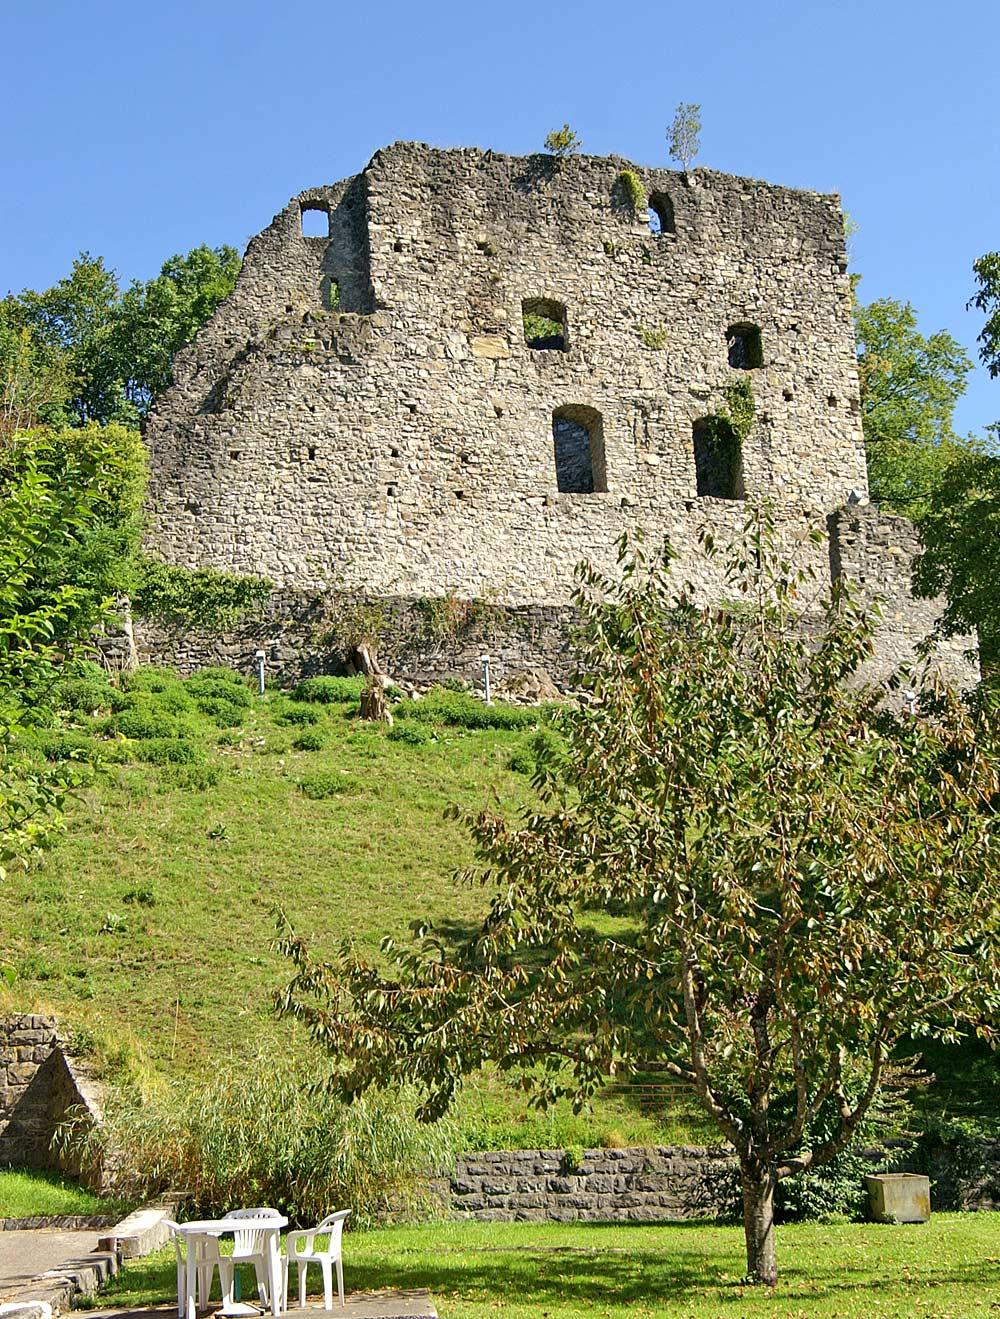 Blick von unten auf die Burgruine Jagdberg in Schlins